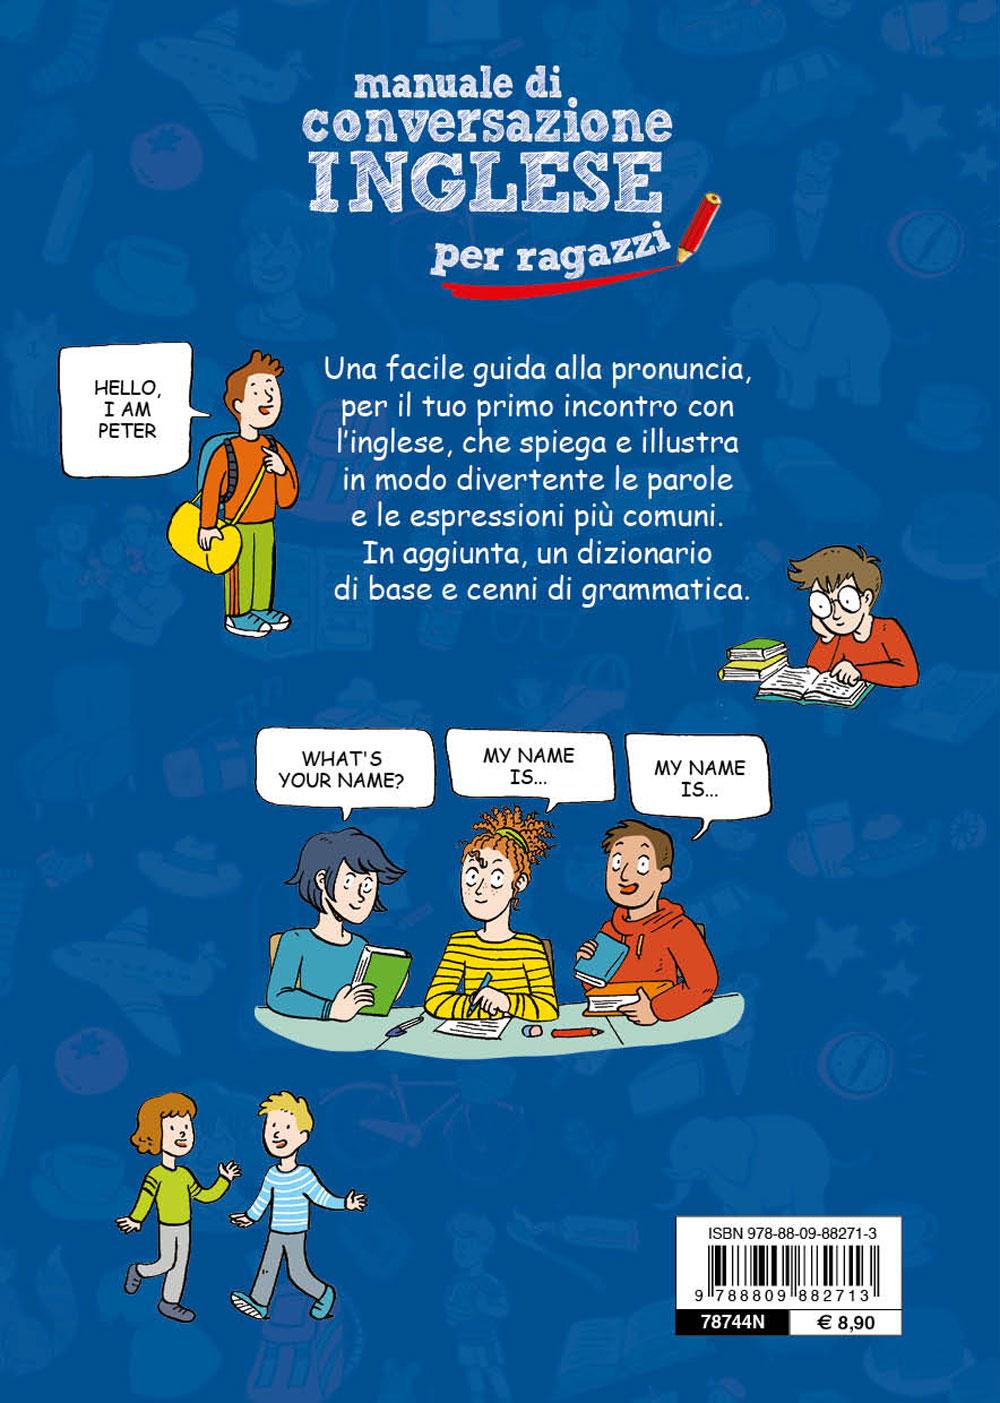 Manuale di conversazione Inglese per ragazzi